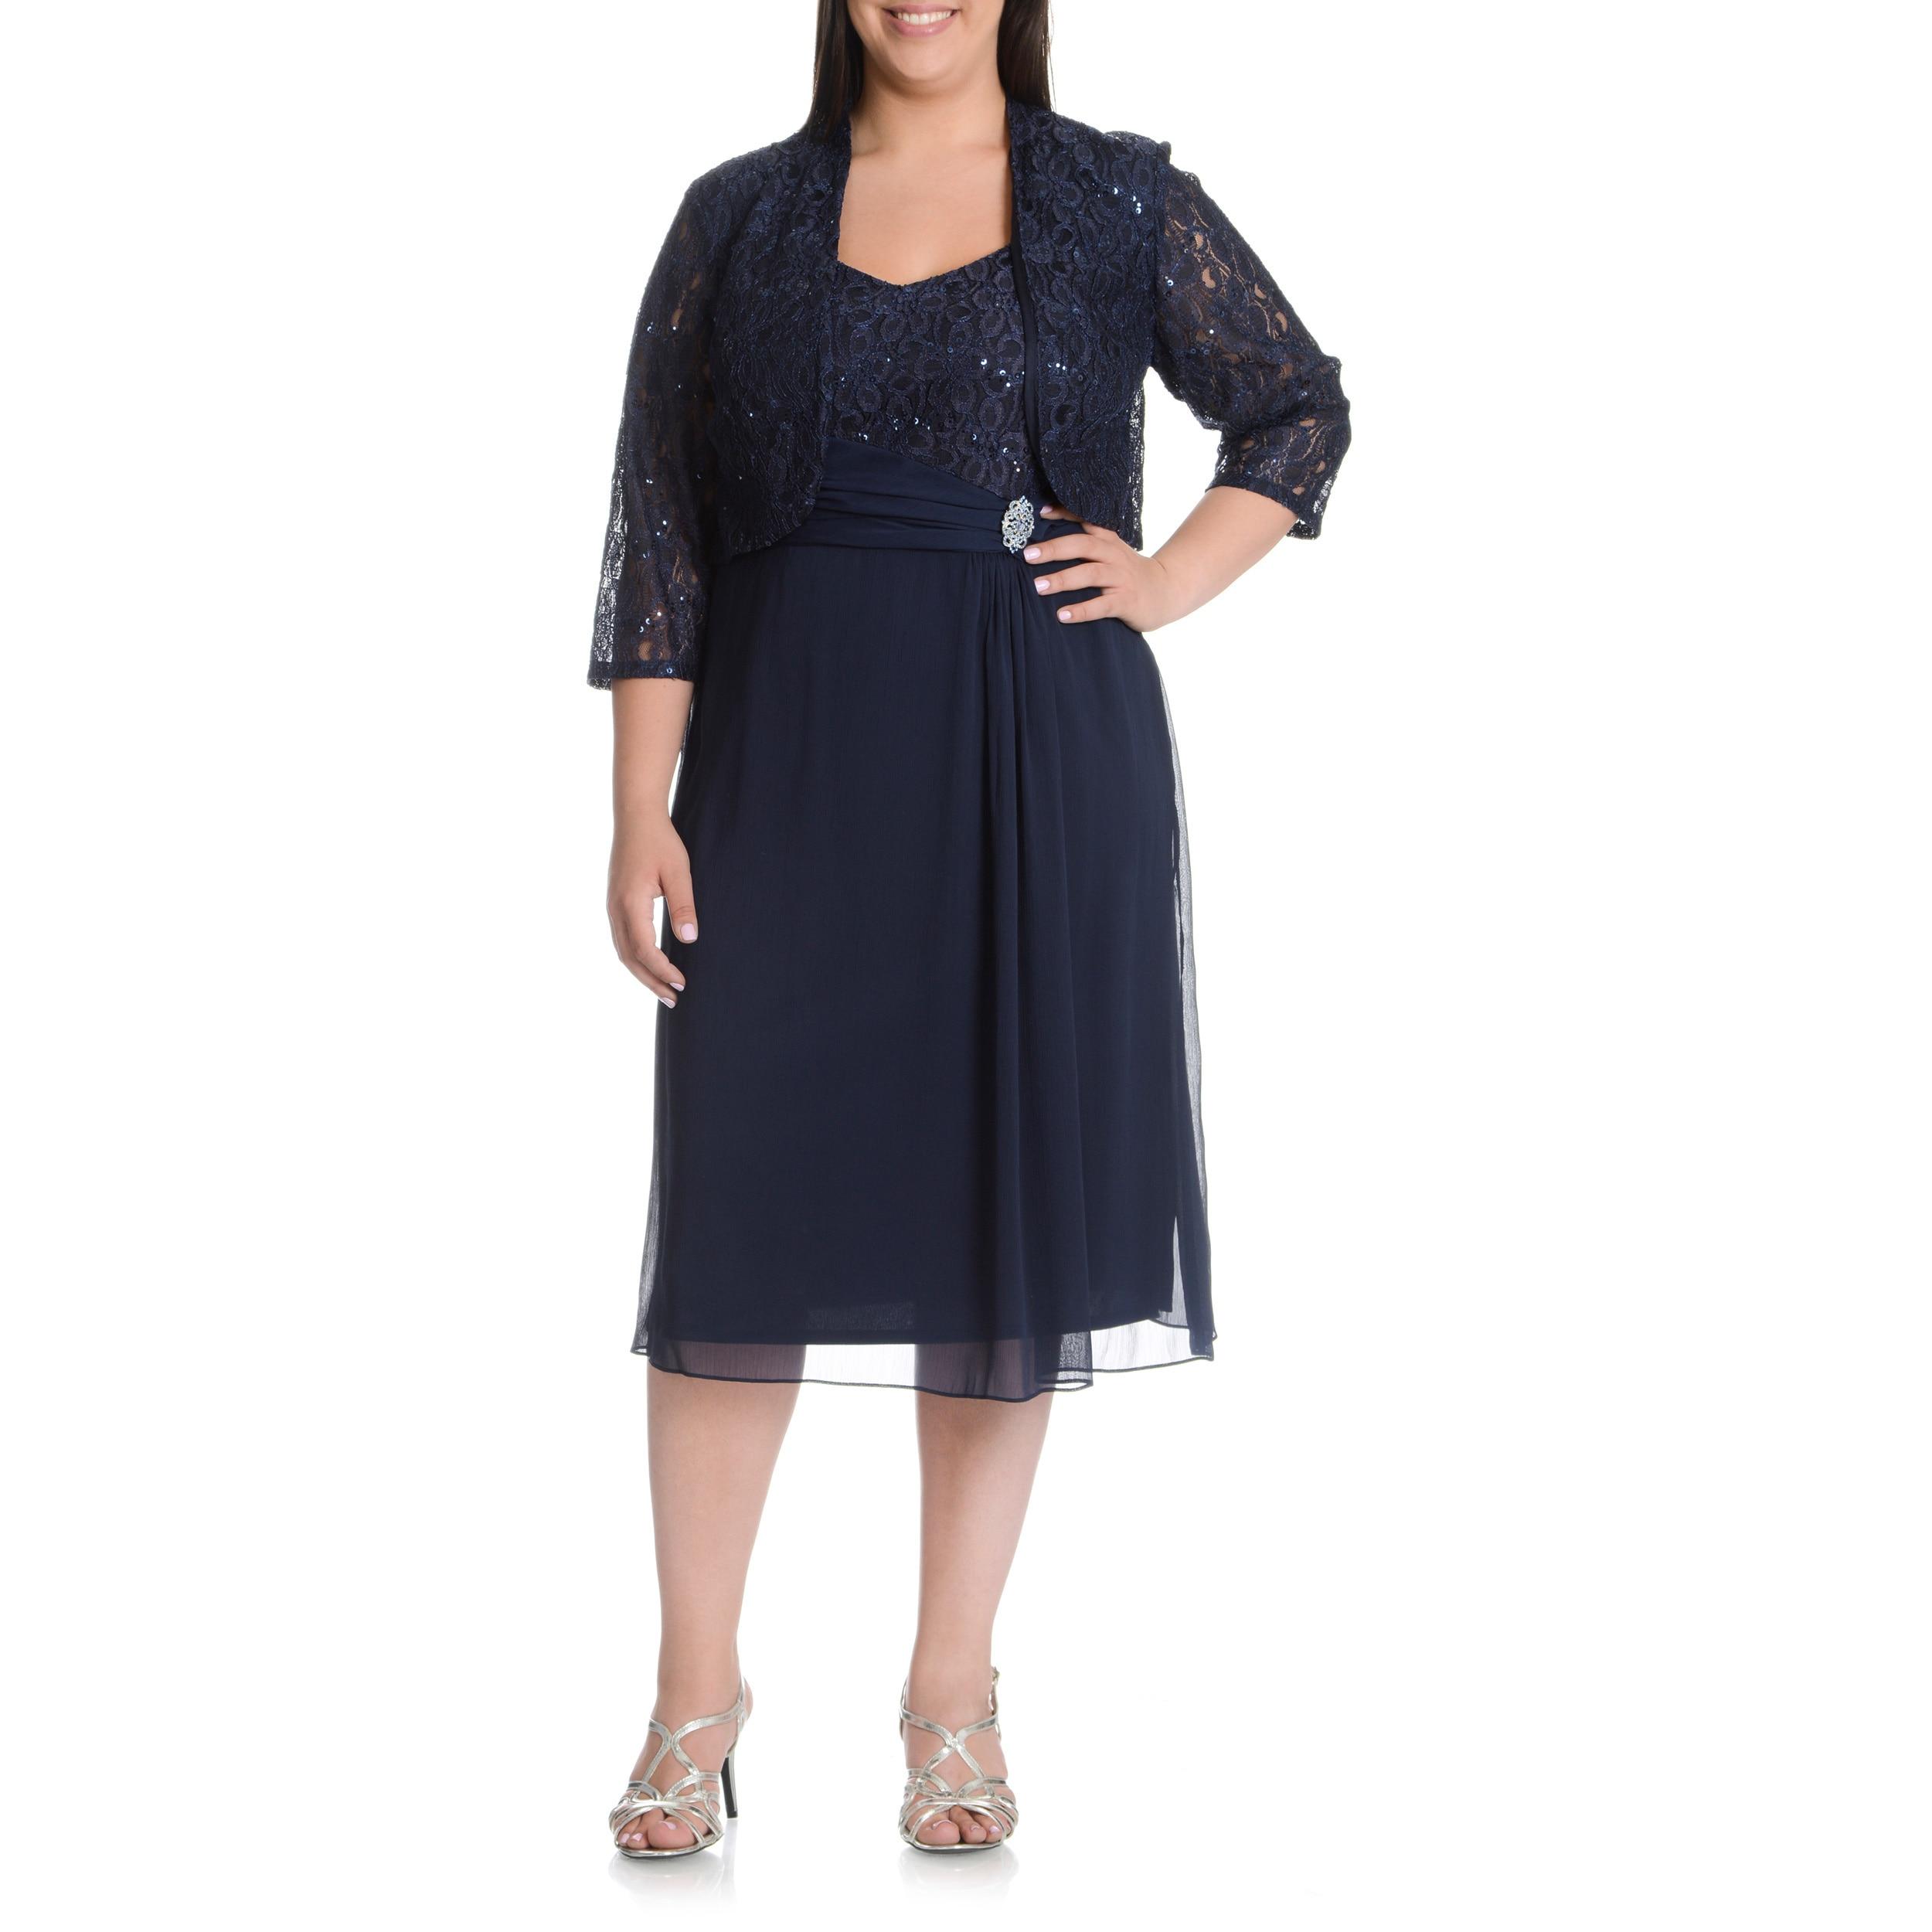 LE BOS Women\'s Plus Size Sequined Lace Jacket Dress